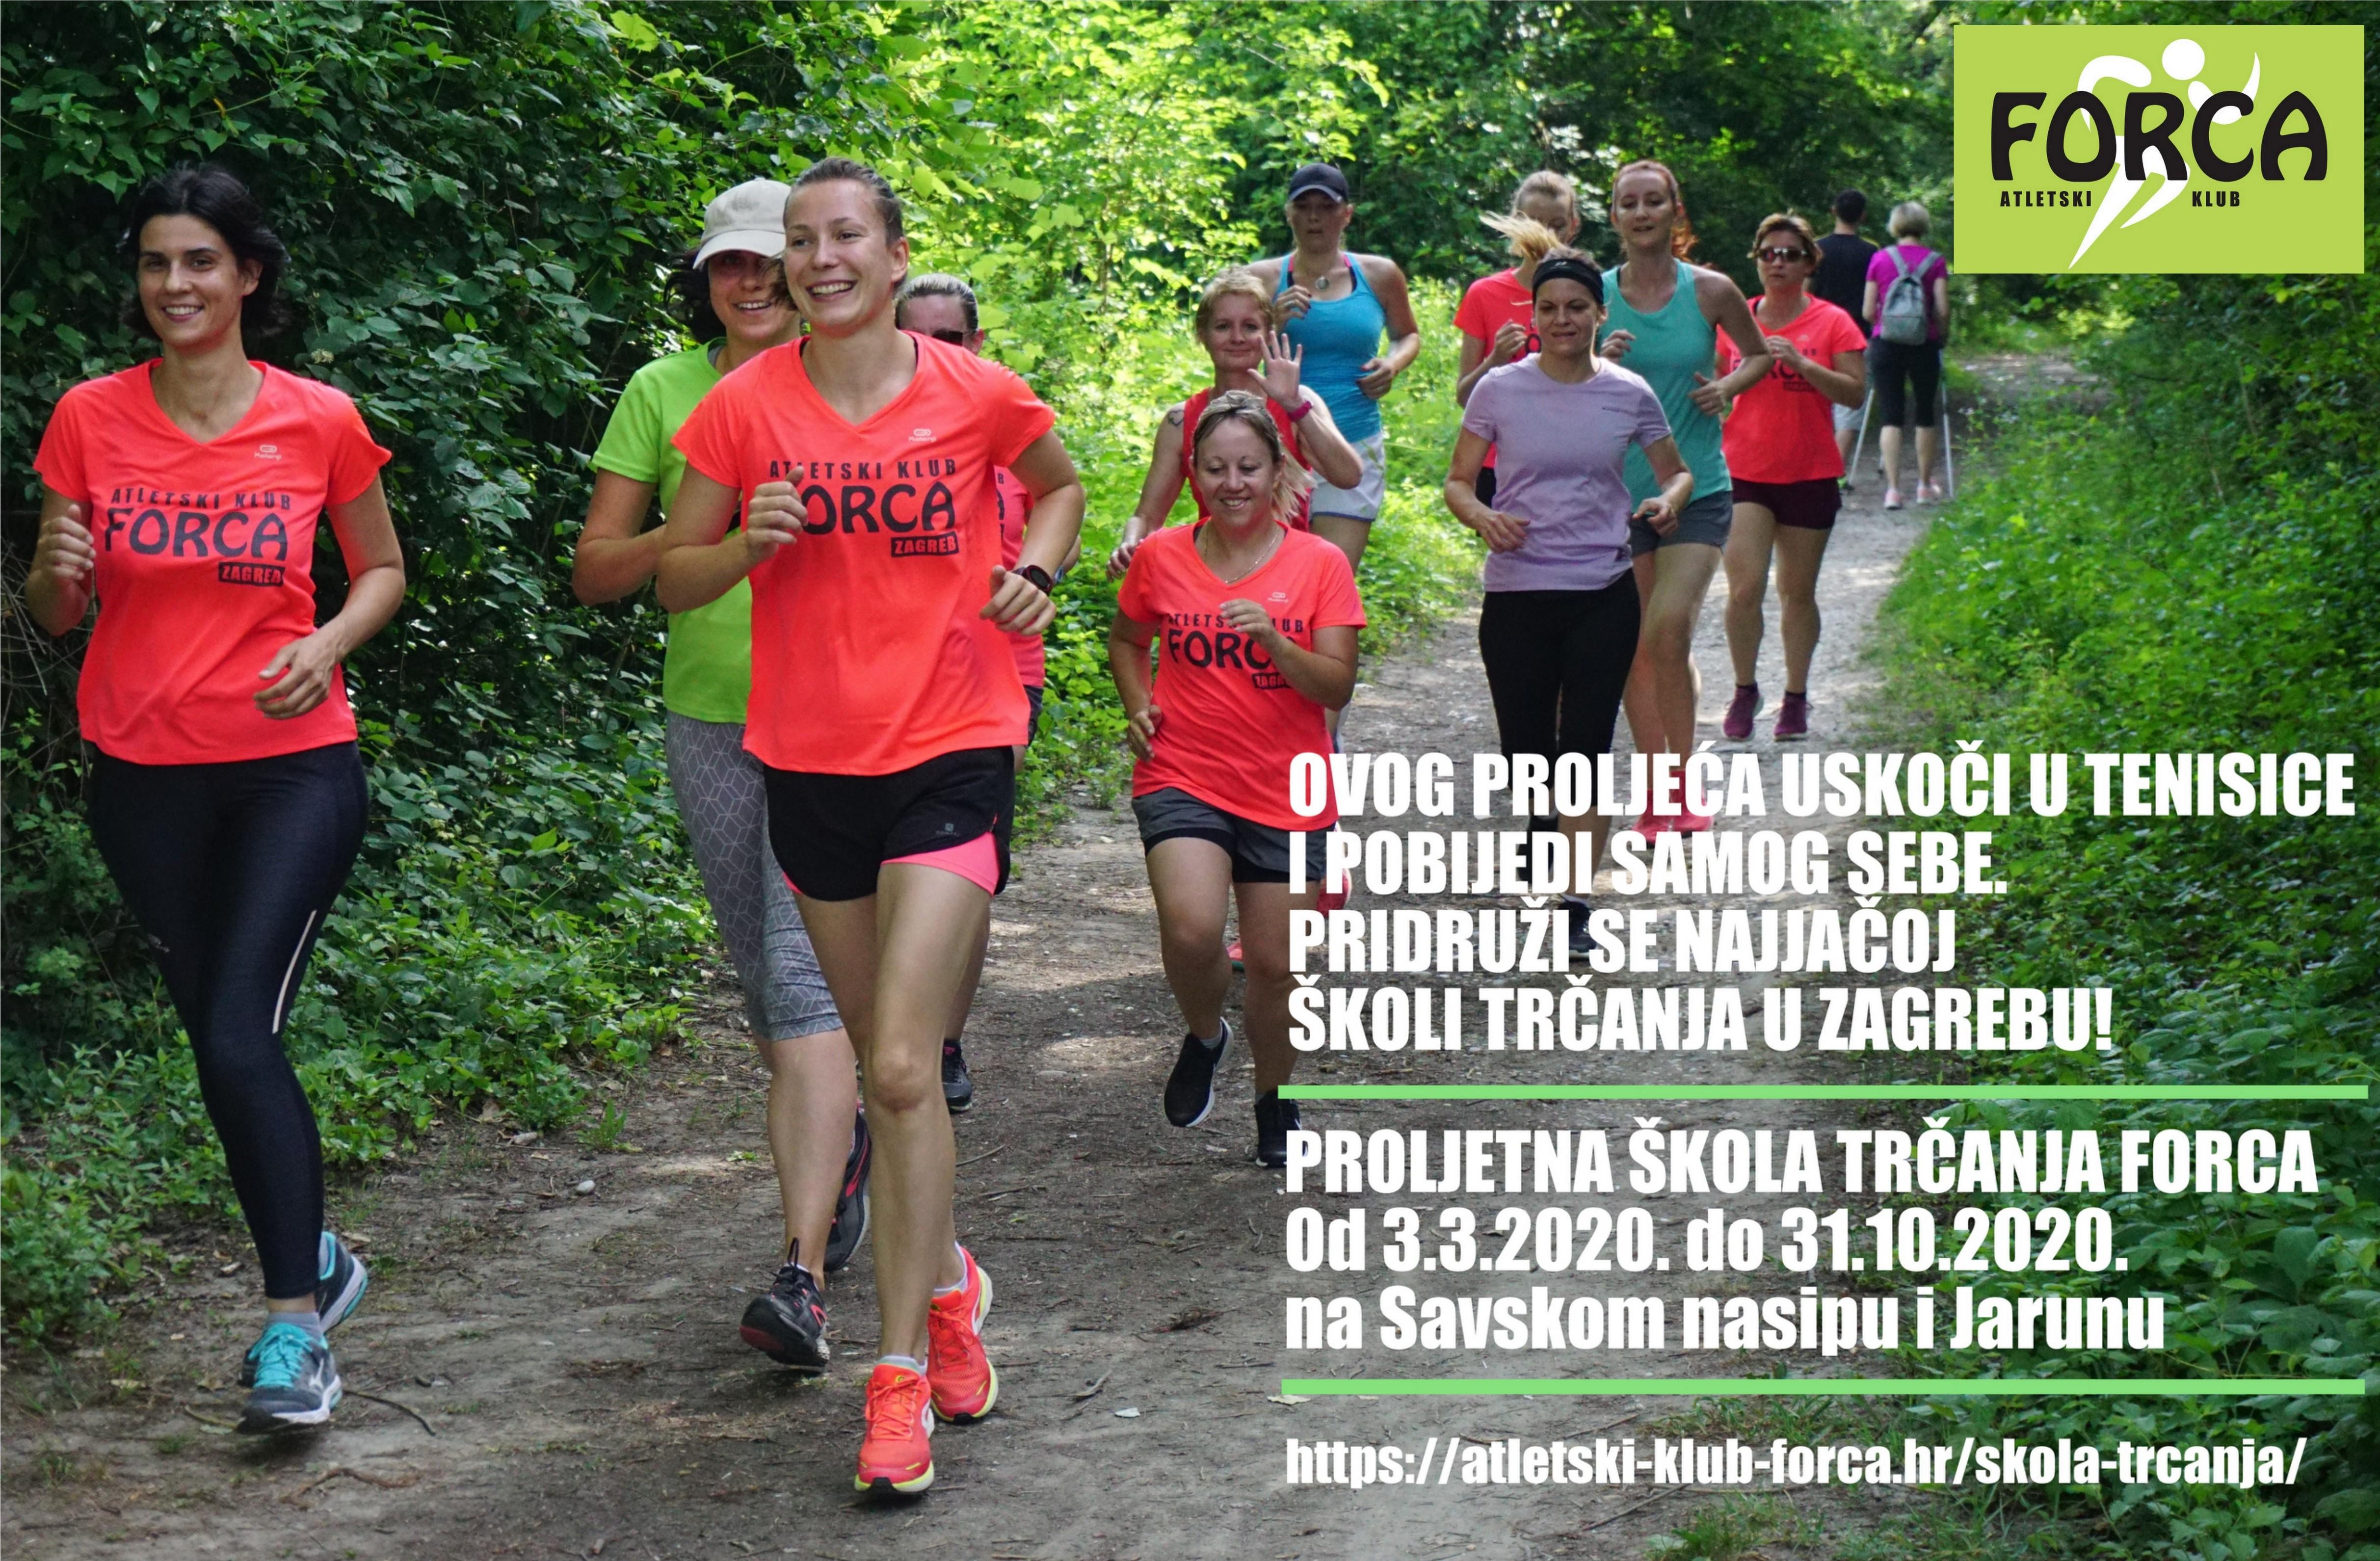 upoznavanje sa trkačicom